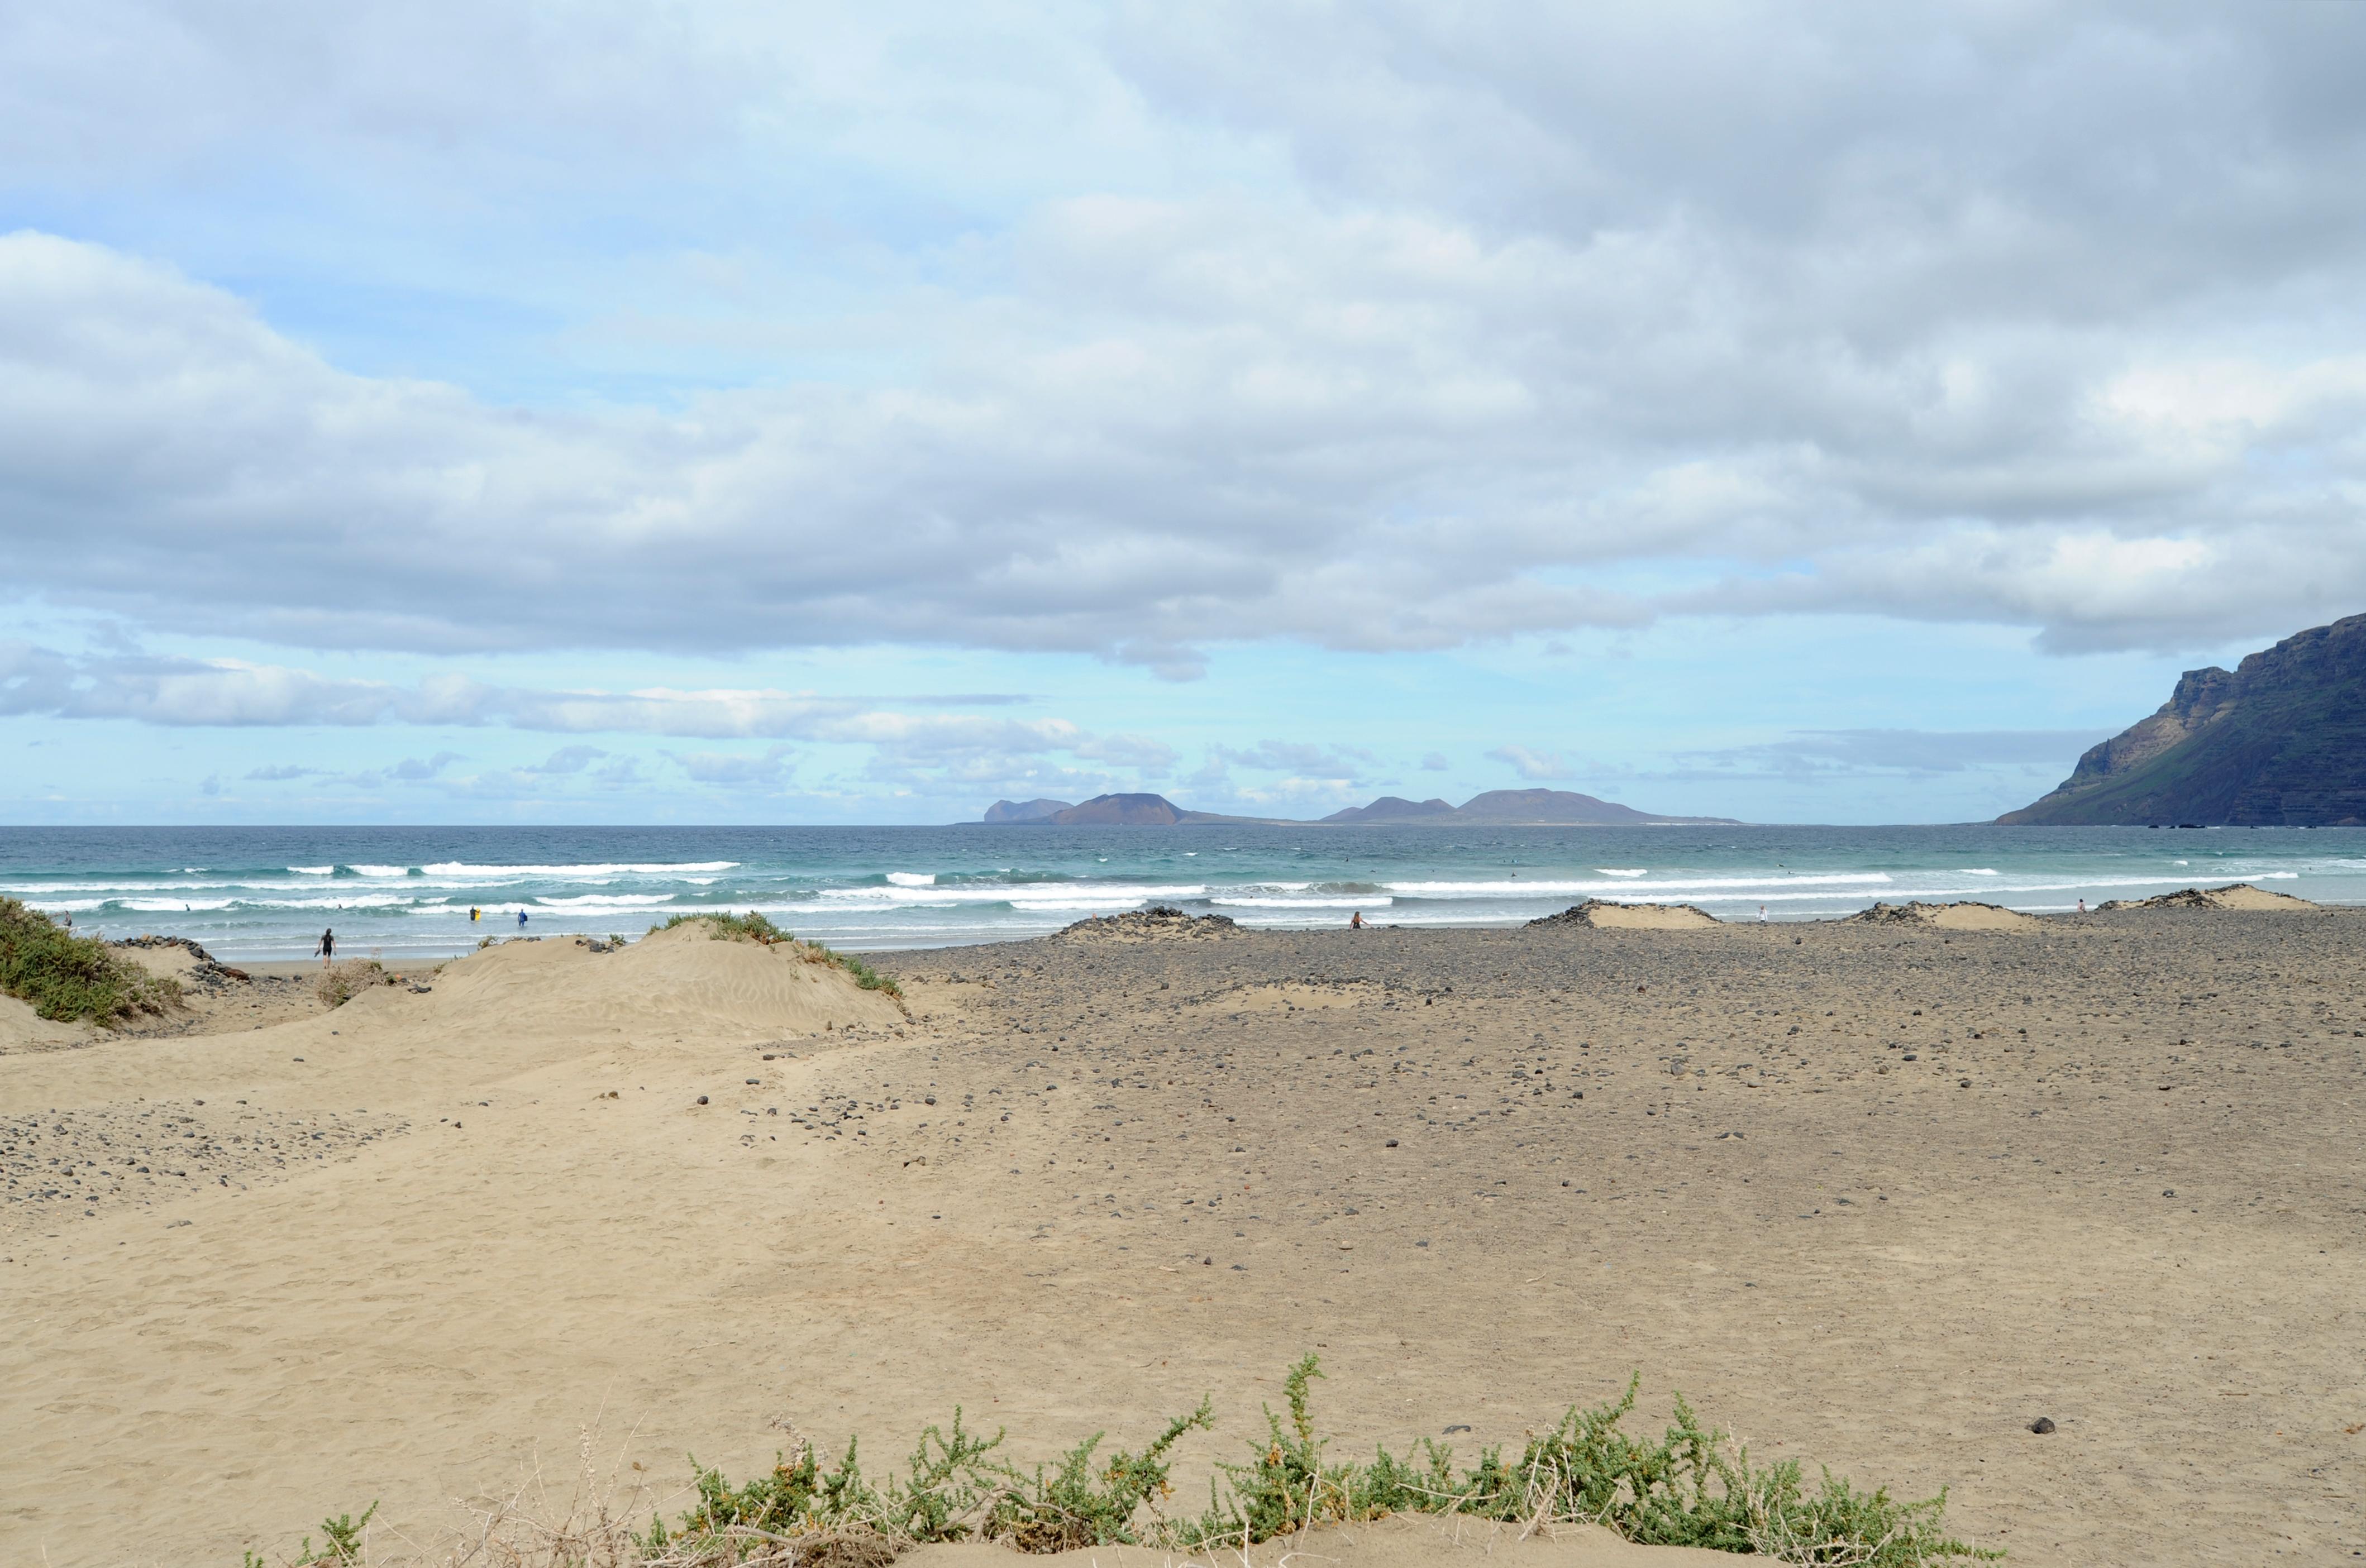 El pueblo de La Caleta de Famara en Lanzarote. La playa de Famara. Haga 617158cbdb5